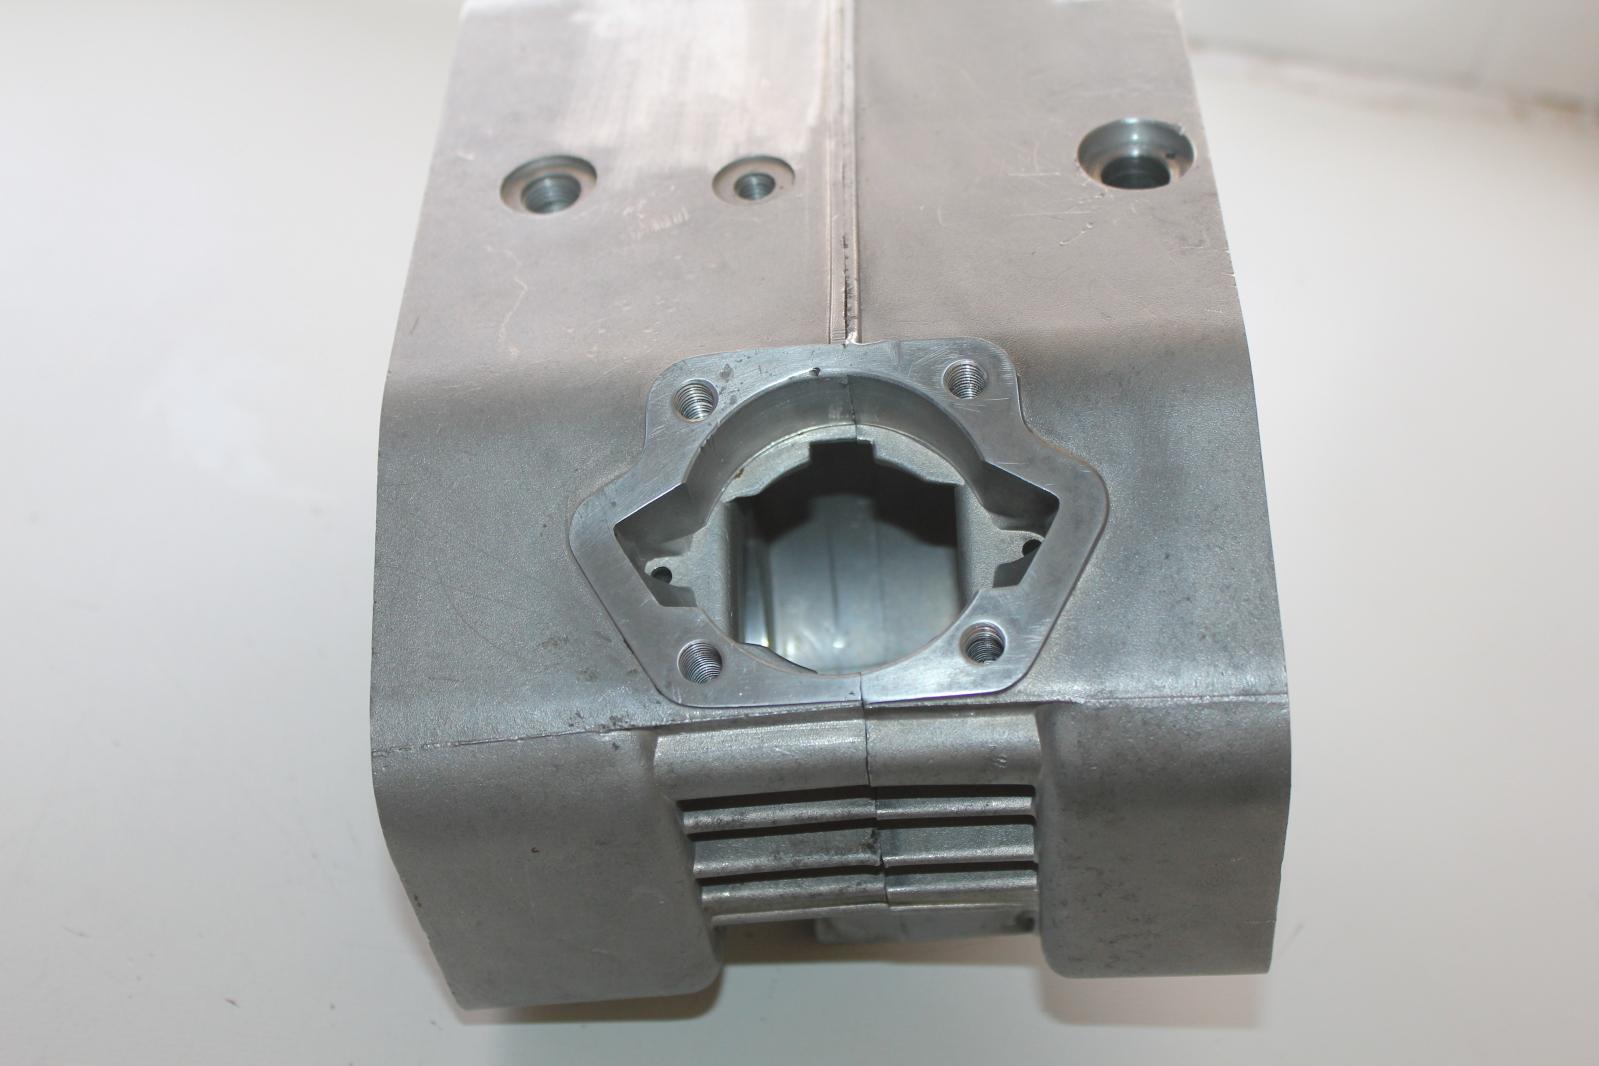 Mejoras en motores P3 P4 RV4 DL P6 K6... - Página 3 21o1ymw